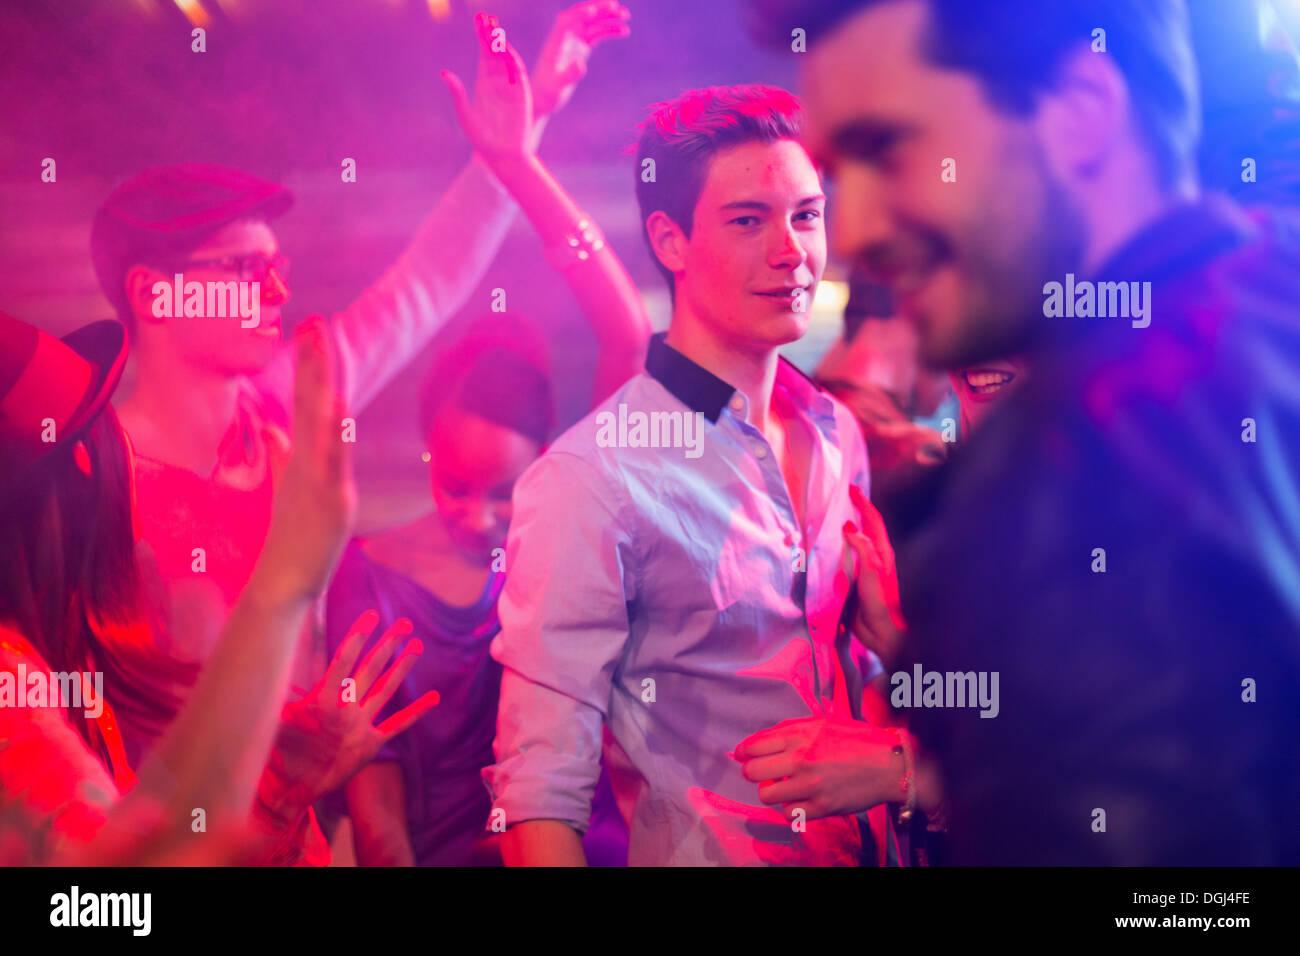 Teenage boy entouré par groupe de personnes dancing at party Photo Stock